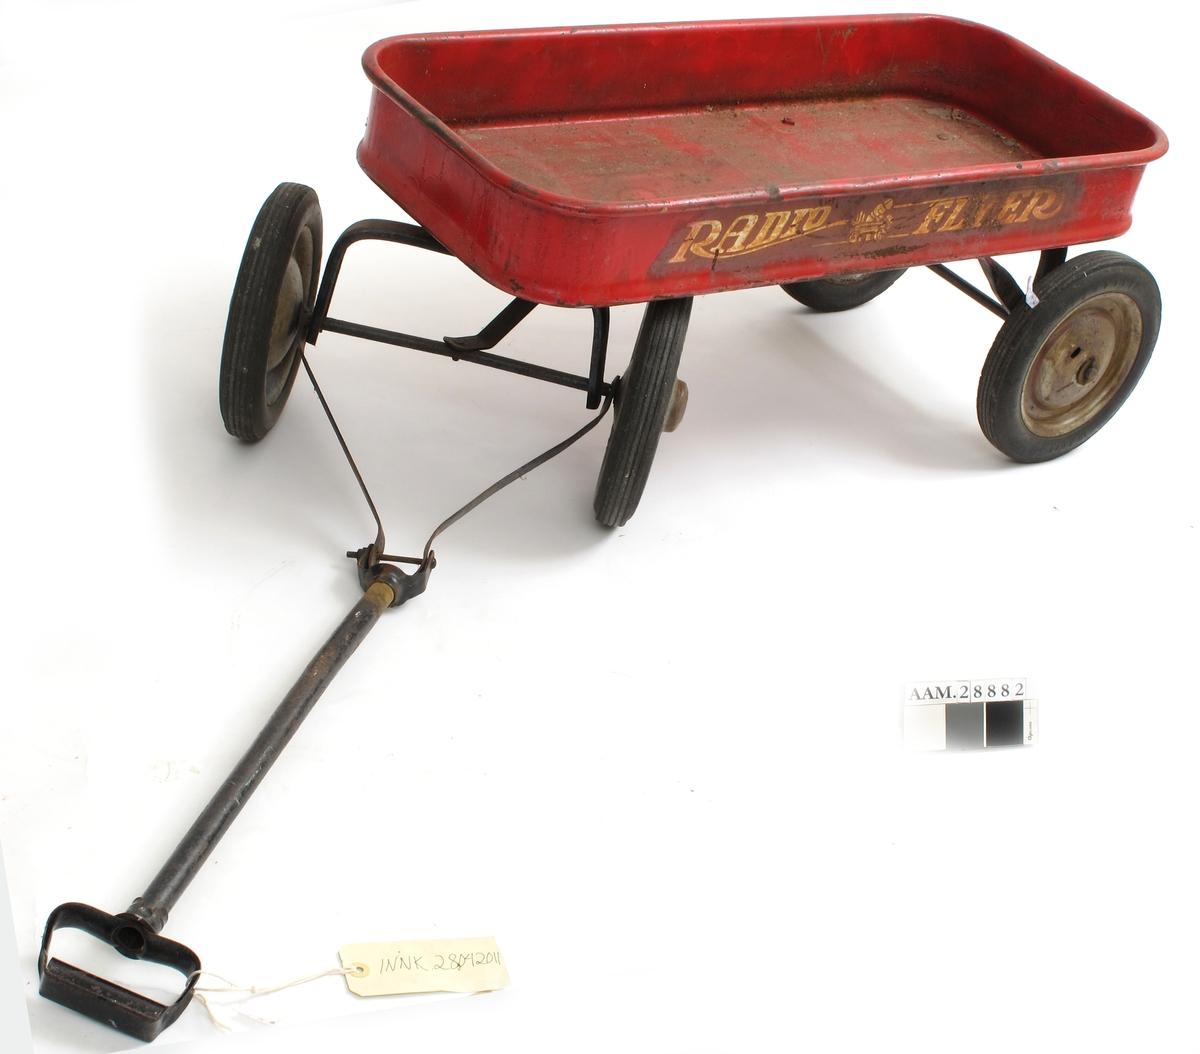 Vogn av metall, rød,  med fire hjul, svingbare forhjul, lasteplan avrundet  Hjul med gummi. Lasteplanet har rektangulær form med avrundede hjørner, Lasteplan er rød, hjulene grå, resten sort. Kan ha fått et malingstrøk.